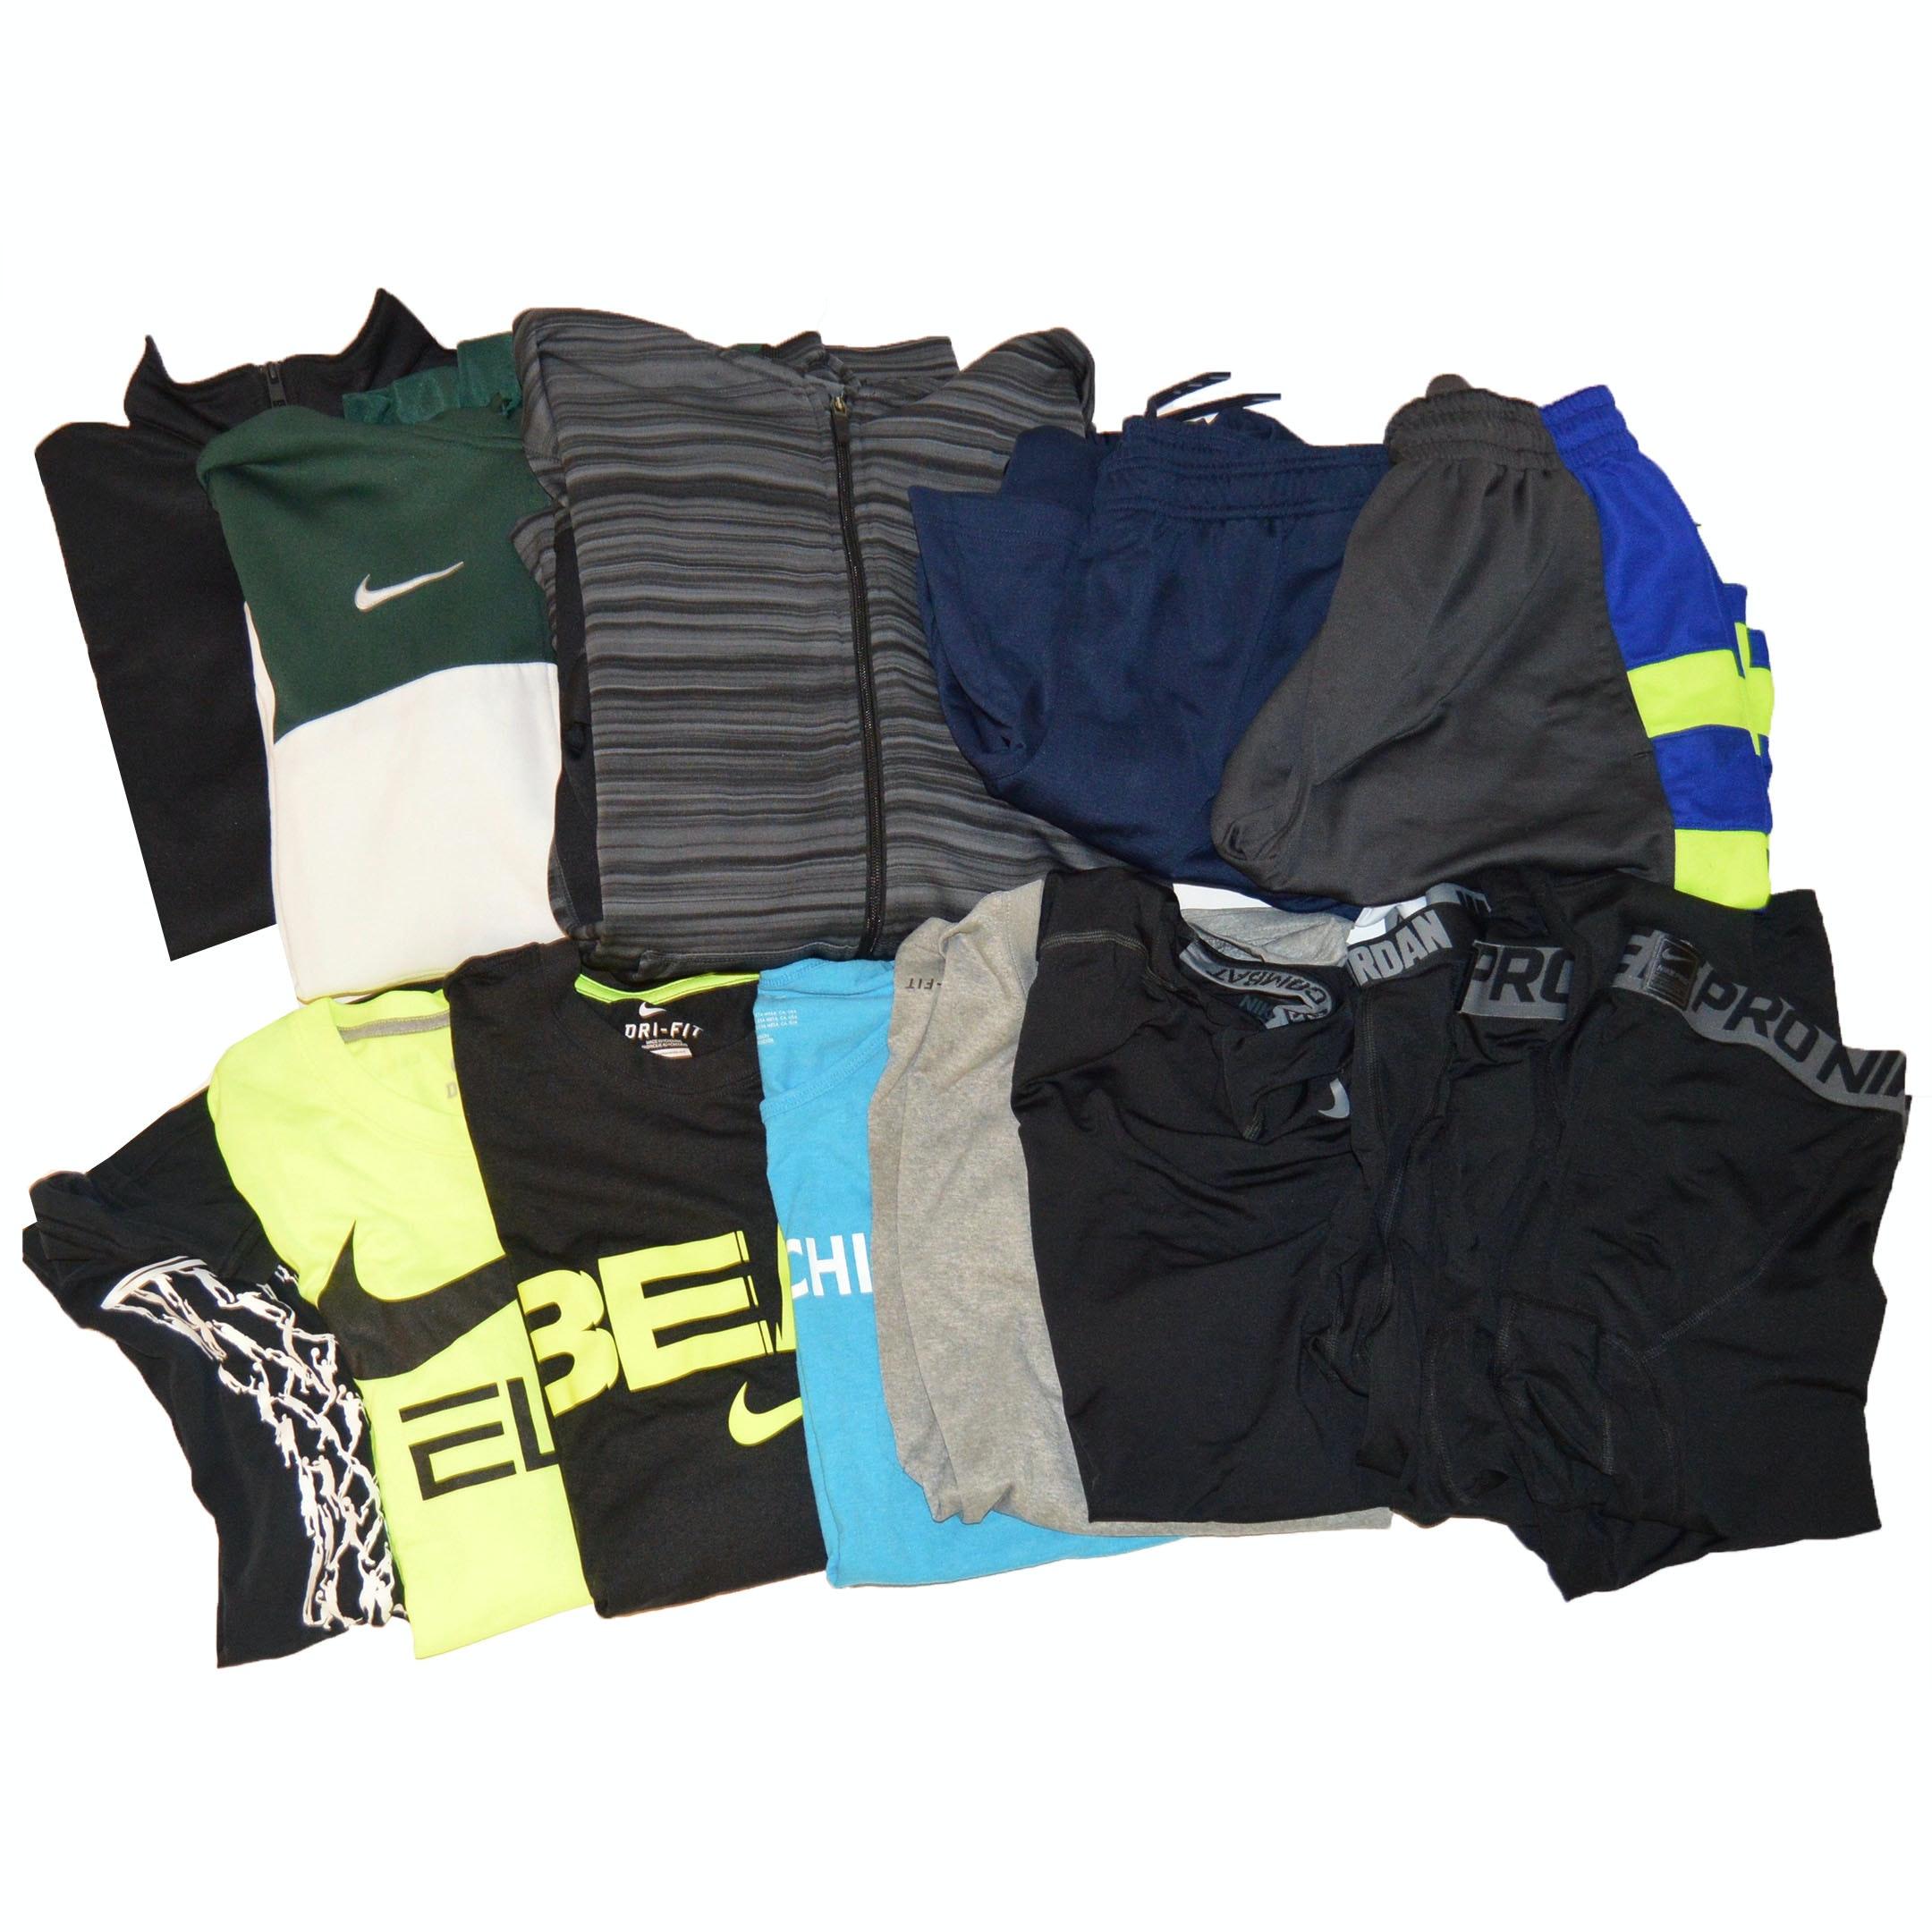 Boys Athletic Wear Featuring Nike